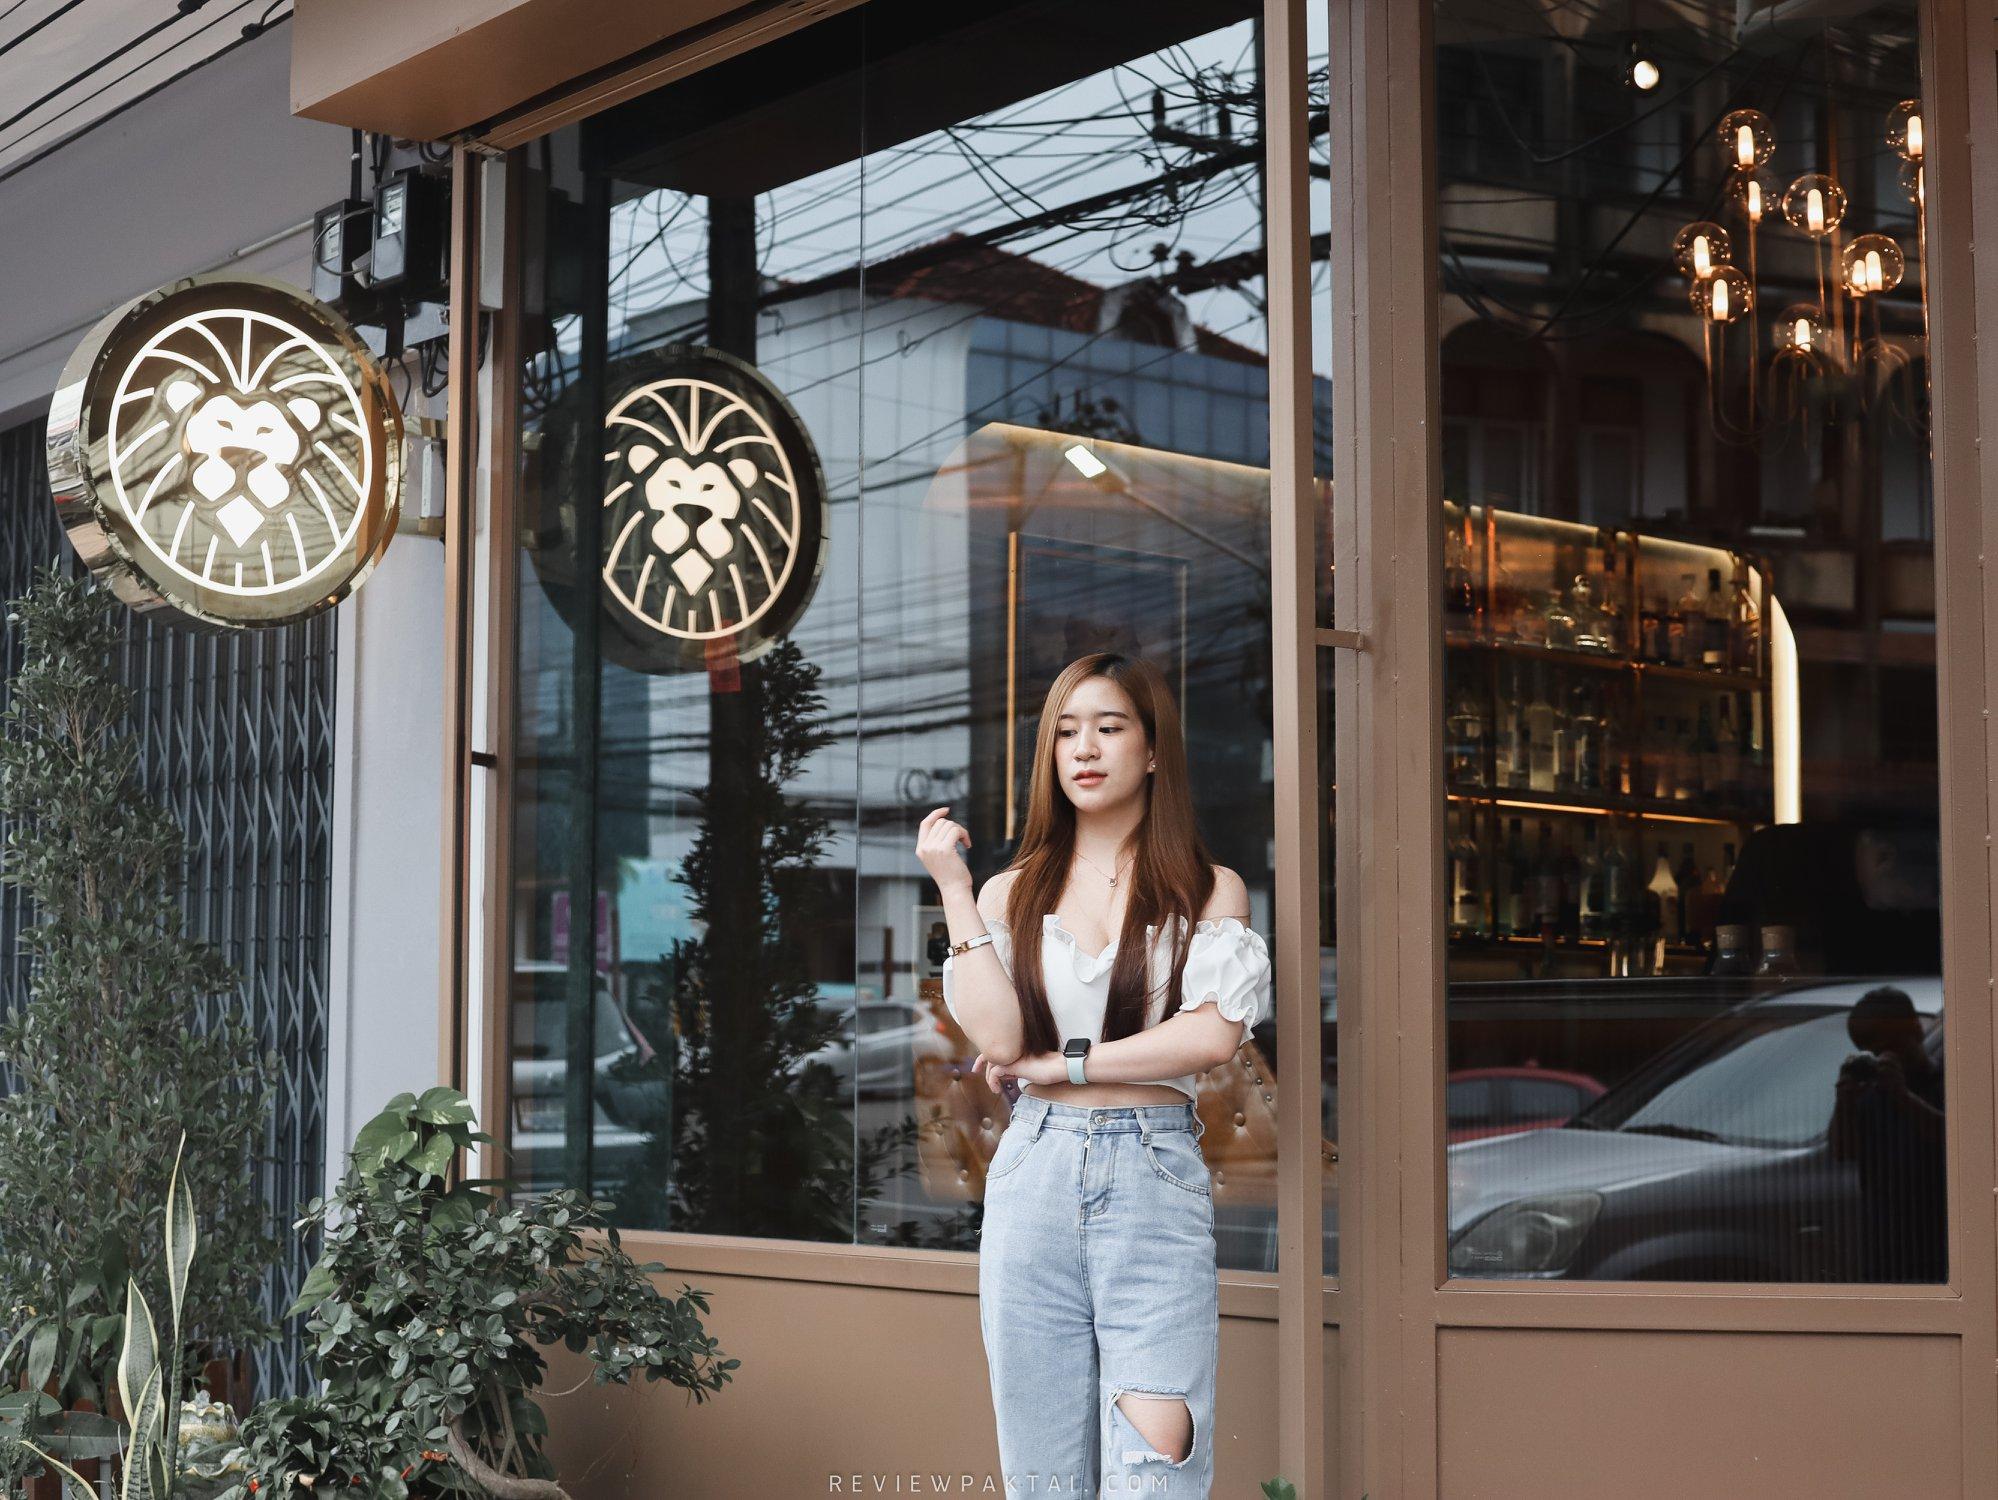 บรรยากาศหน้าร้านชิคๆคูลๆ ตรัง,ร้านอาหาร,ของกิน,บาร์,Lion,Tale,Bar,Restaurant,เปิดใหม่